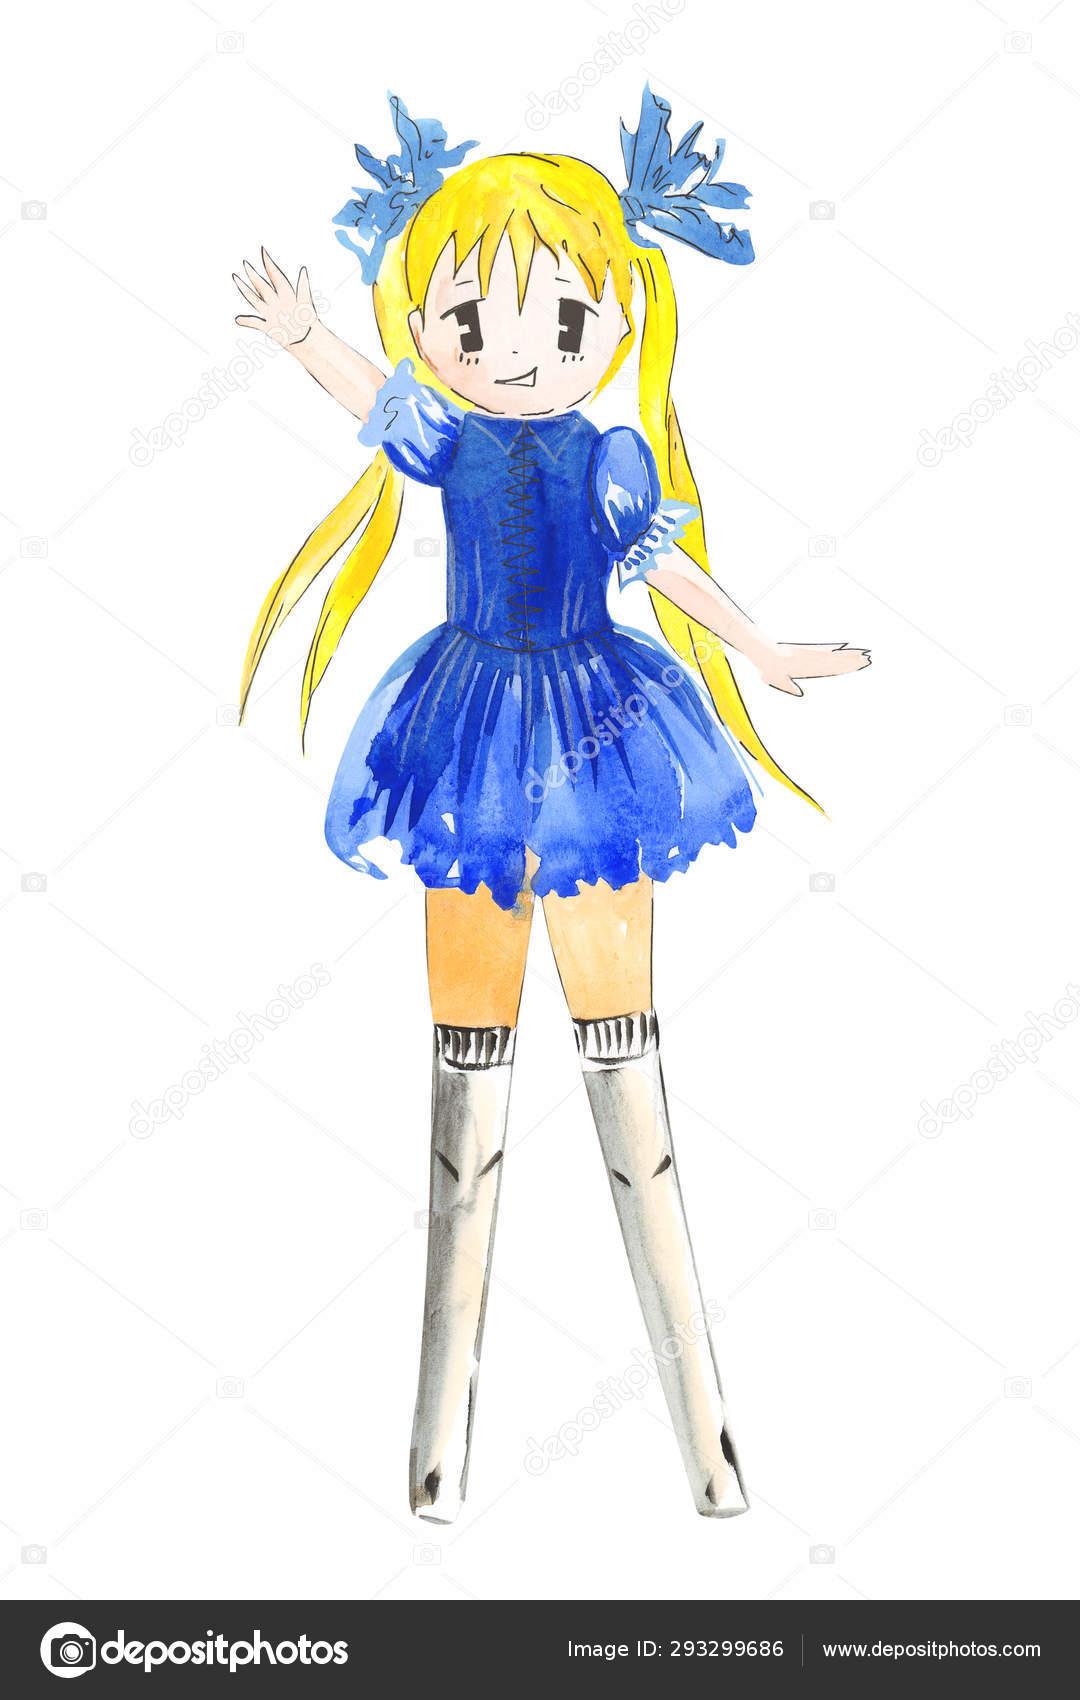 Dessin Couleur Illustration Fille Manga Aquarelle Dans Des